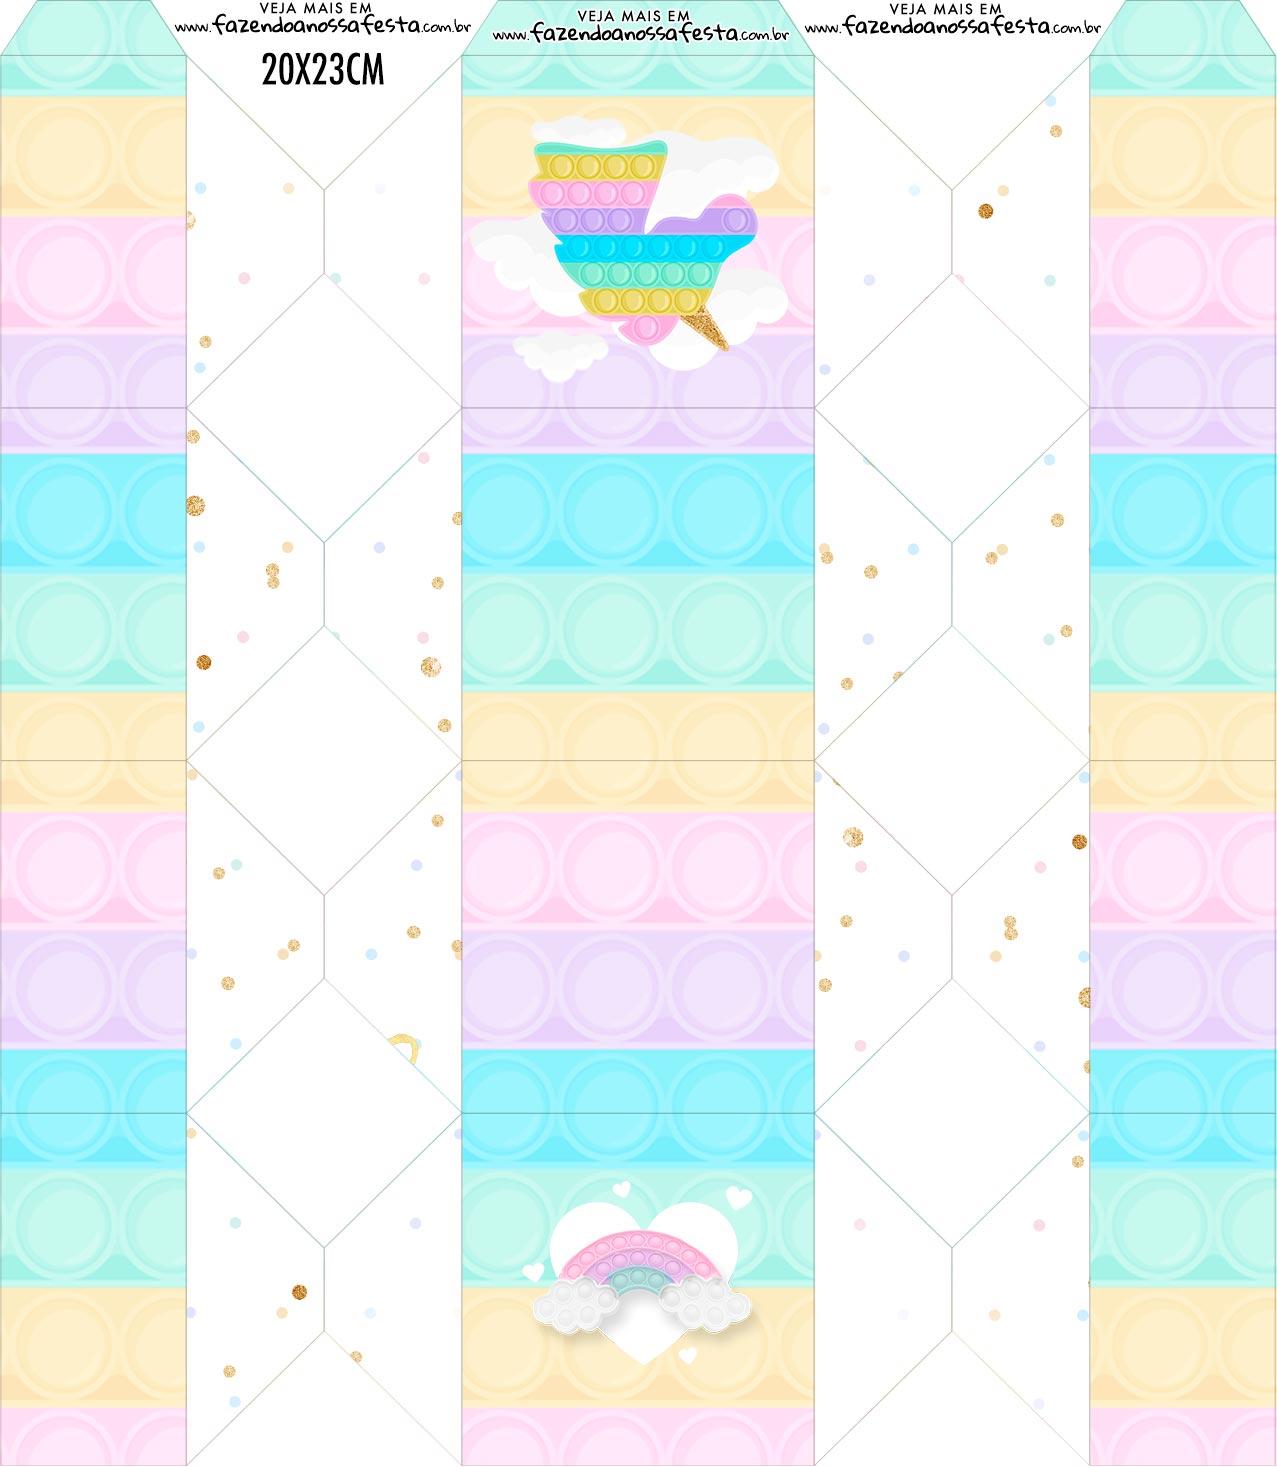 Caixa Bala Pop It Candy Color